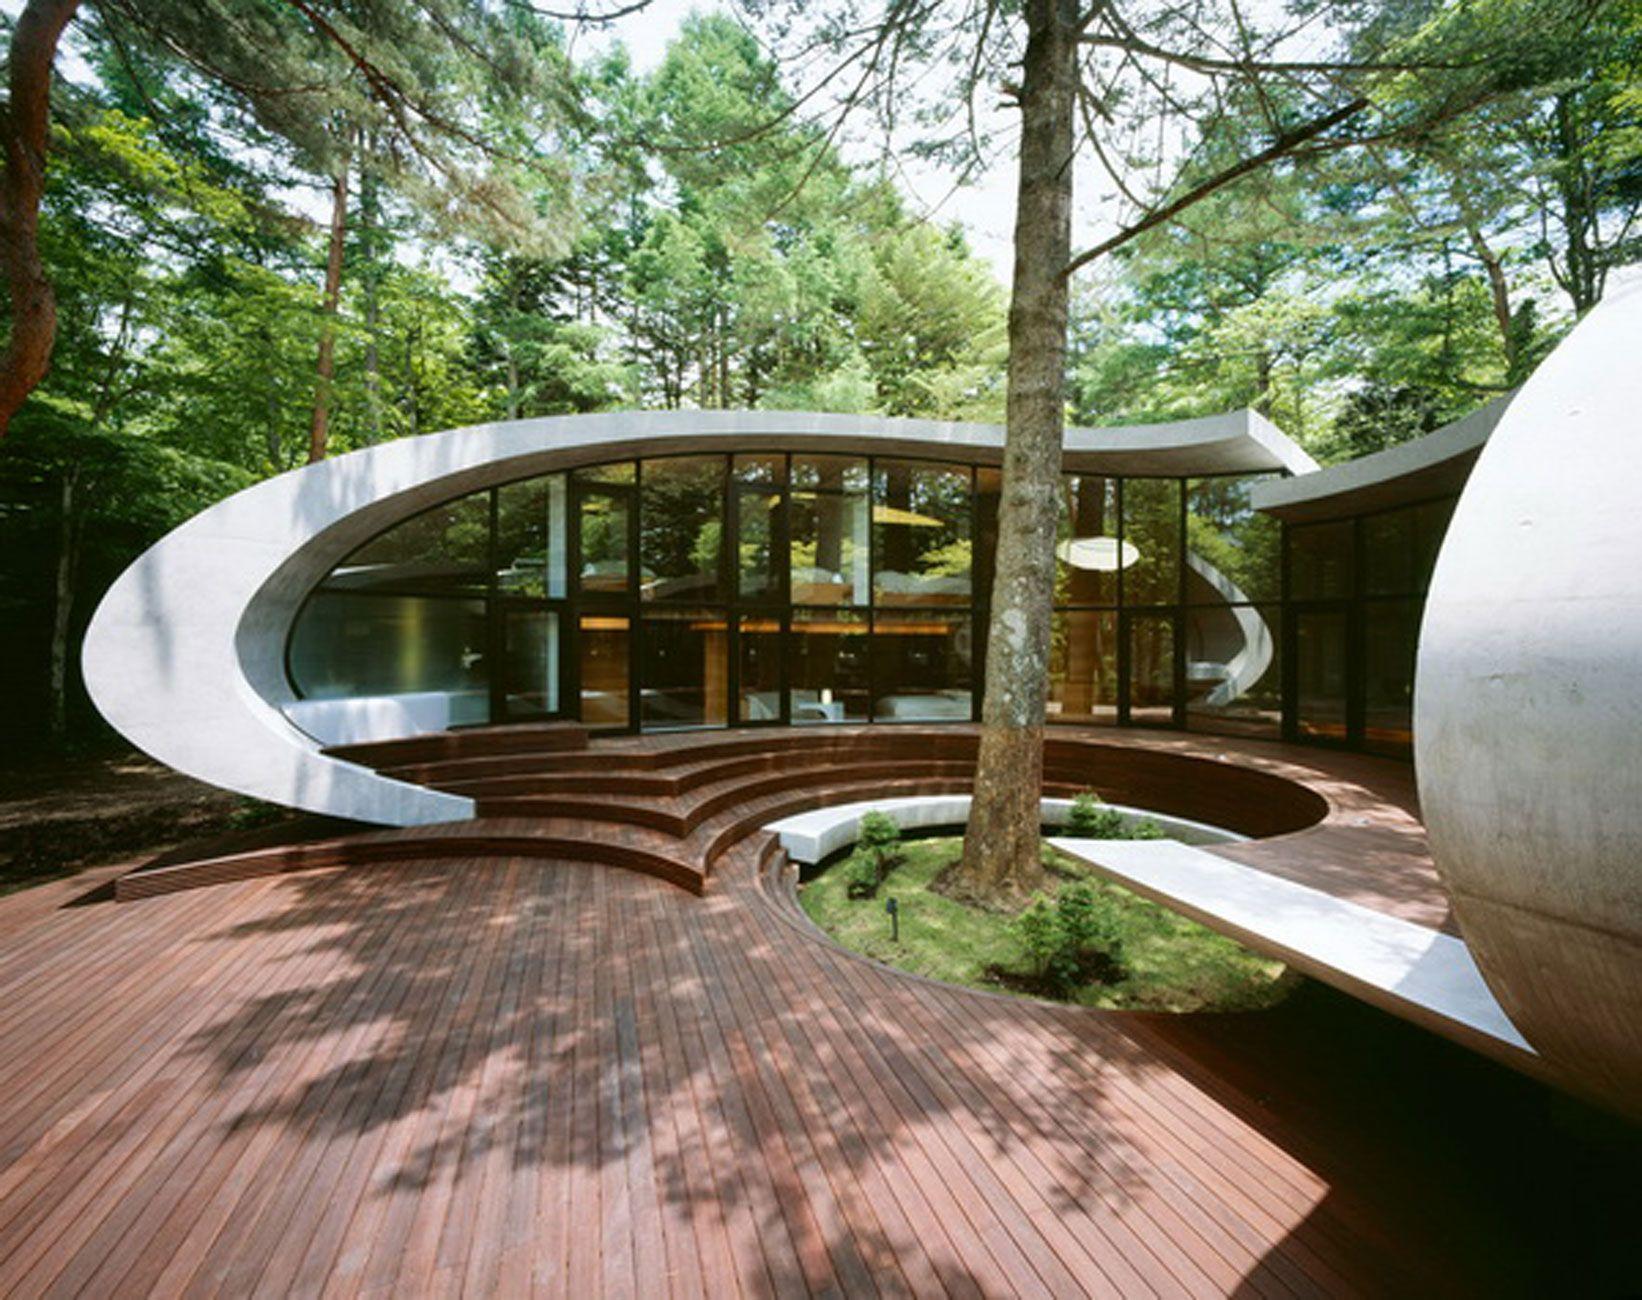 Japanese Garden House Design  House Design Ideas - Garden houses designs